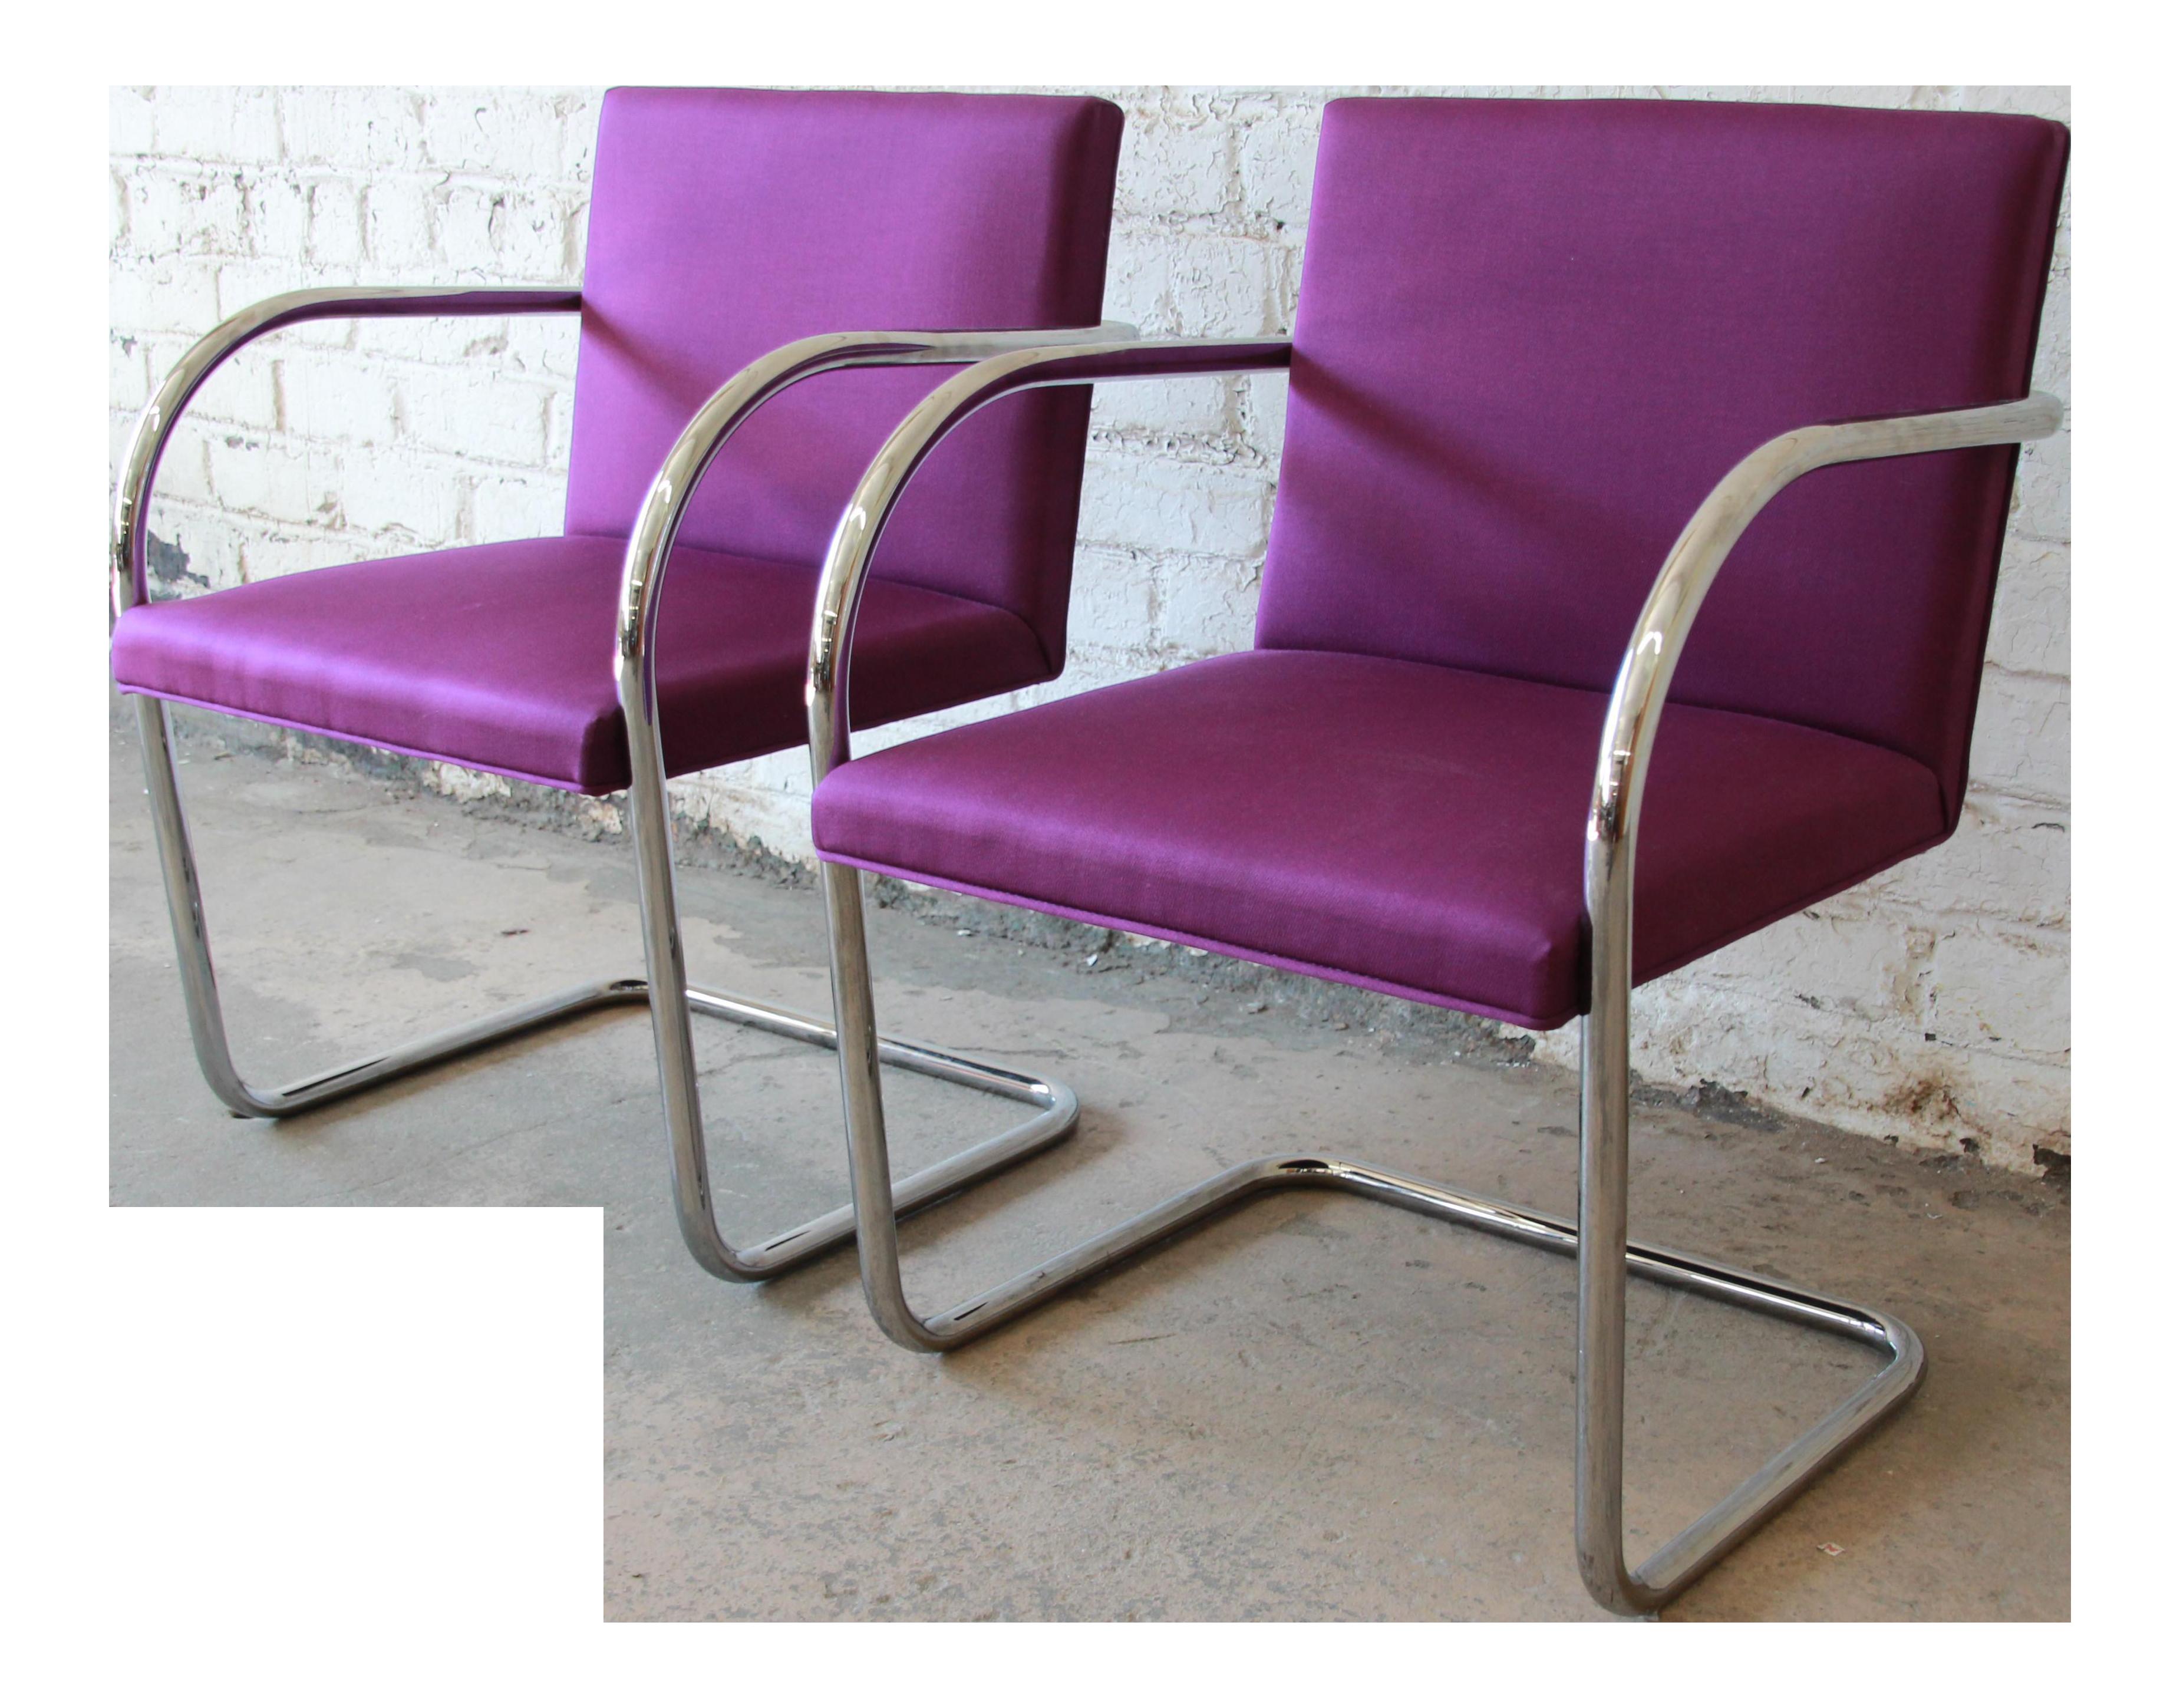 Mies Brno Chair mies van der rohe for knoll international brno chairs - a pair